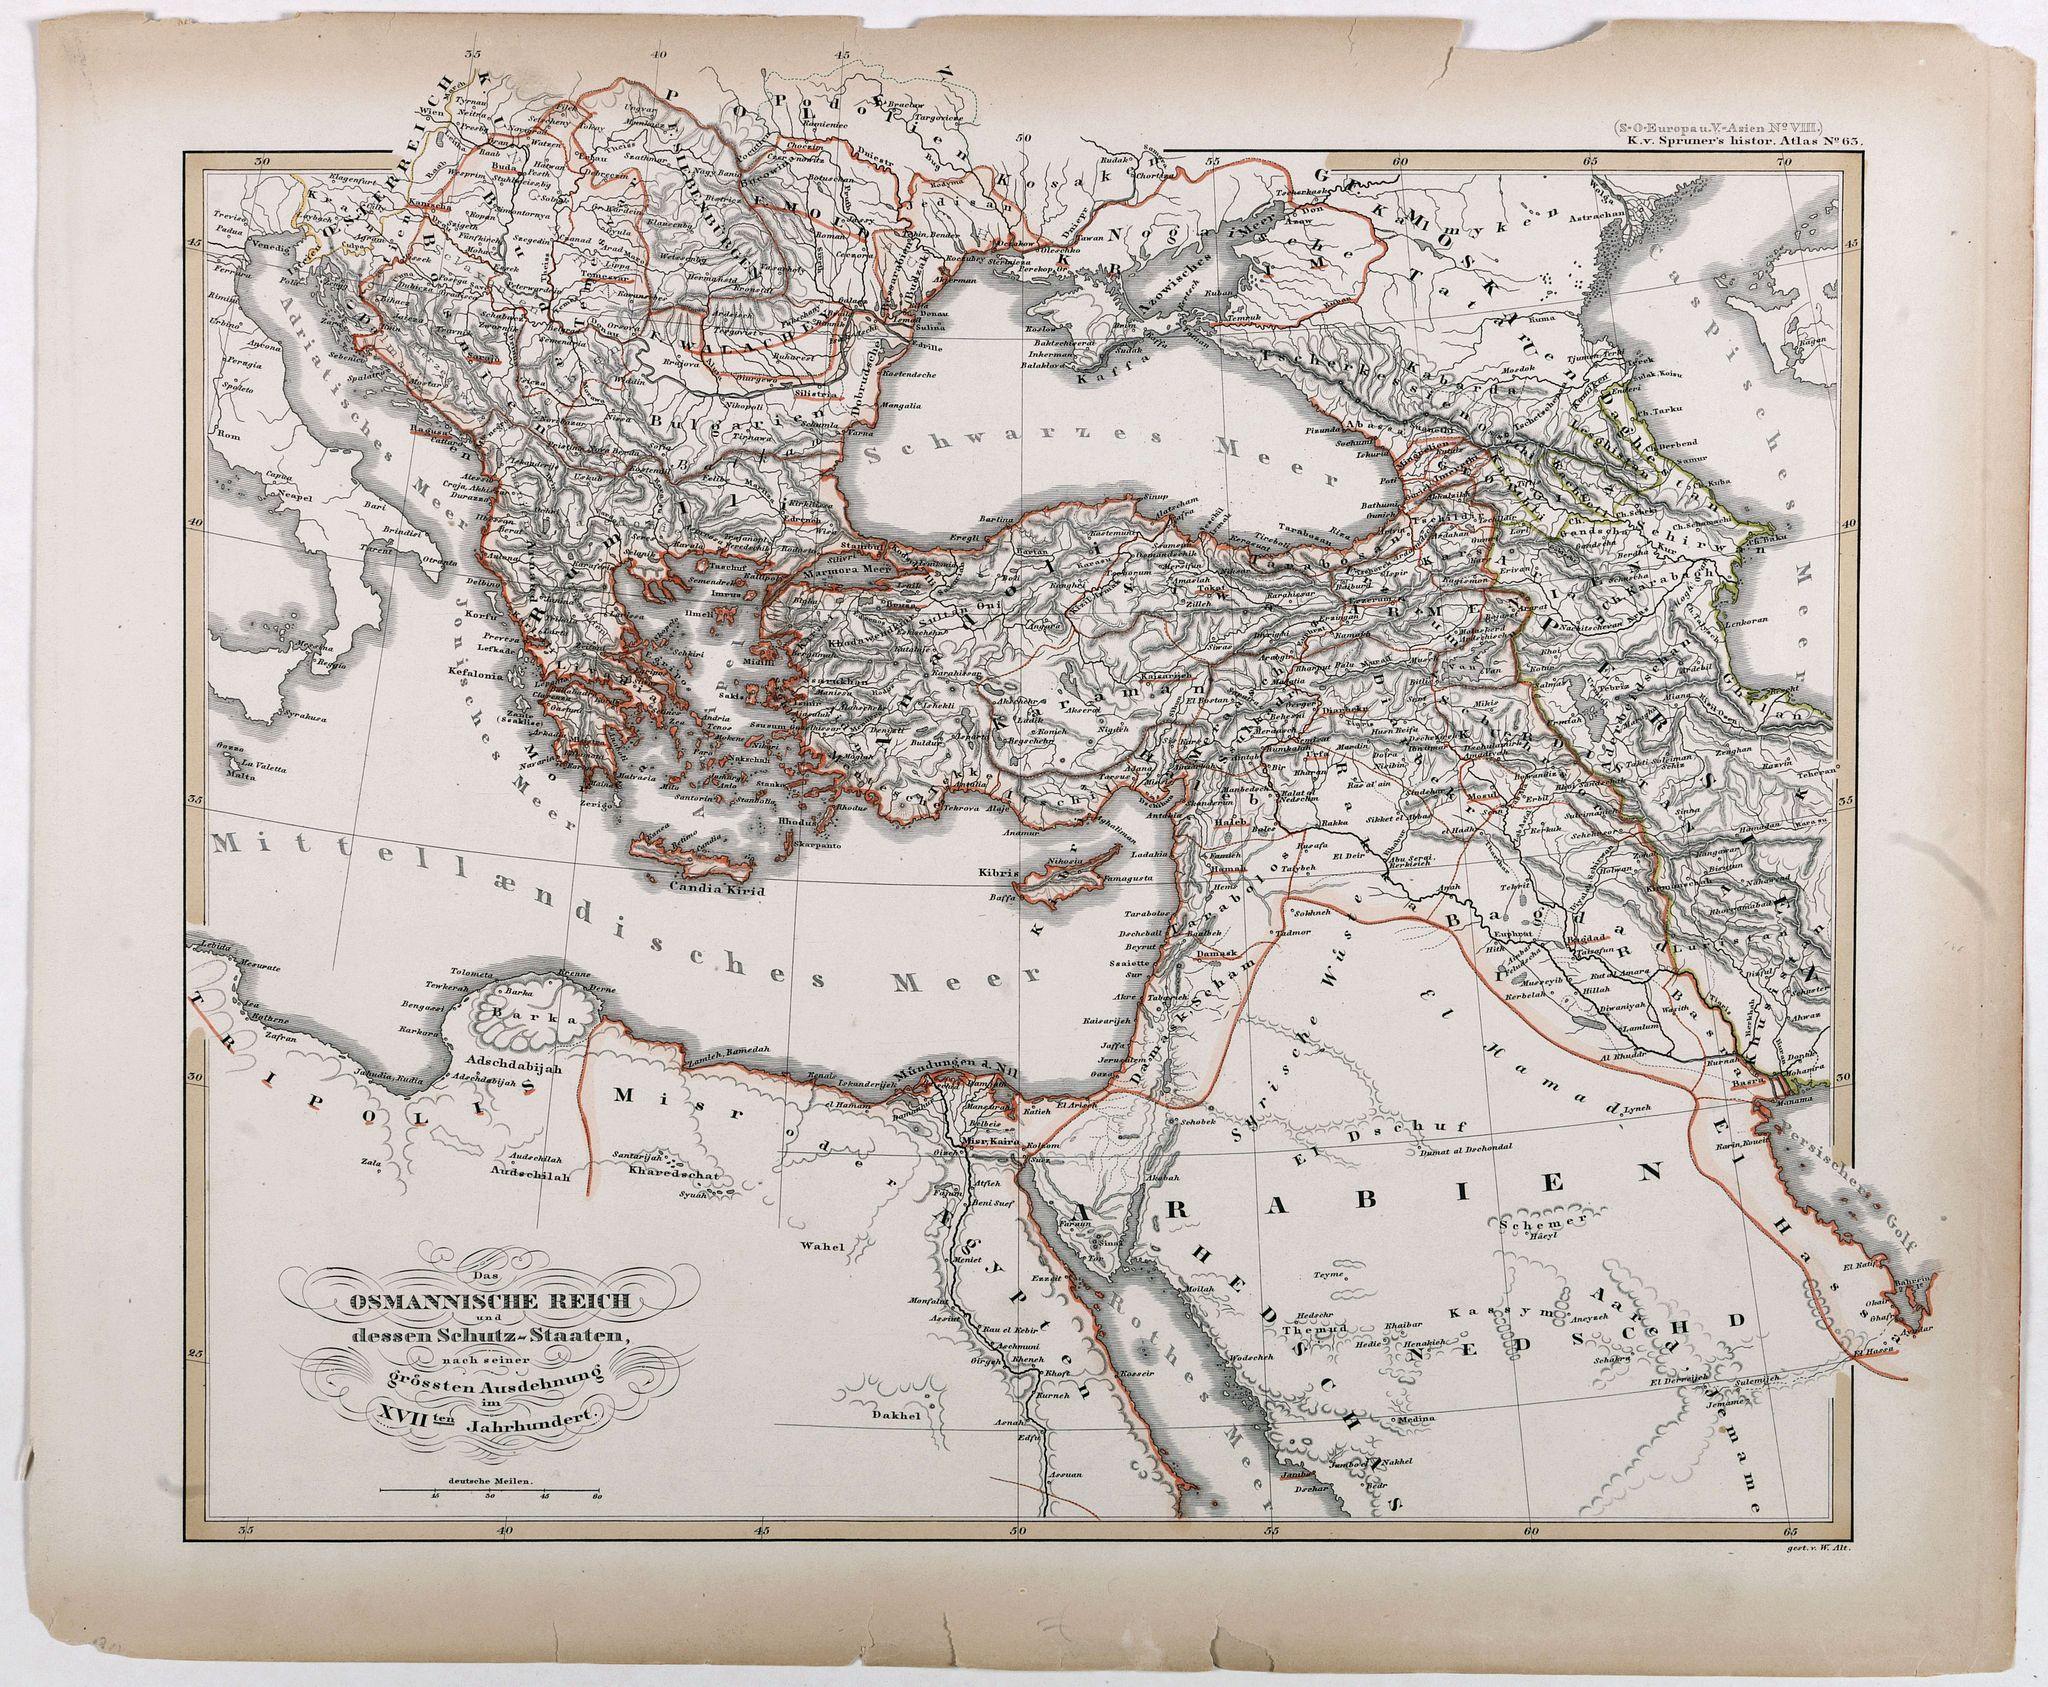 VON SPRUNER, K. -  Das osmannische Reich und dessen Schutz-Staaten, nach seiner grossten Ausdehnung im XVIIten Jahrhundert.